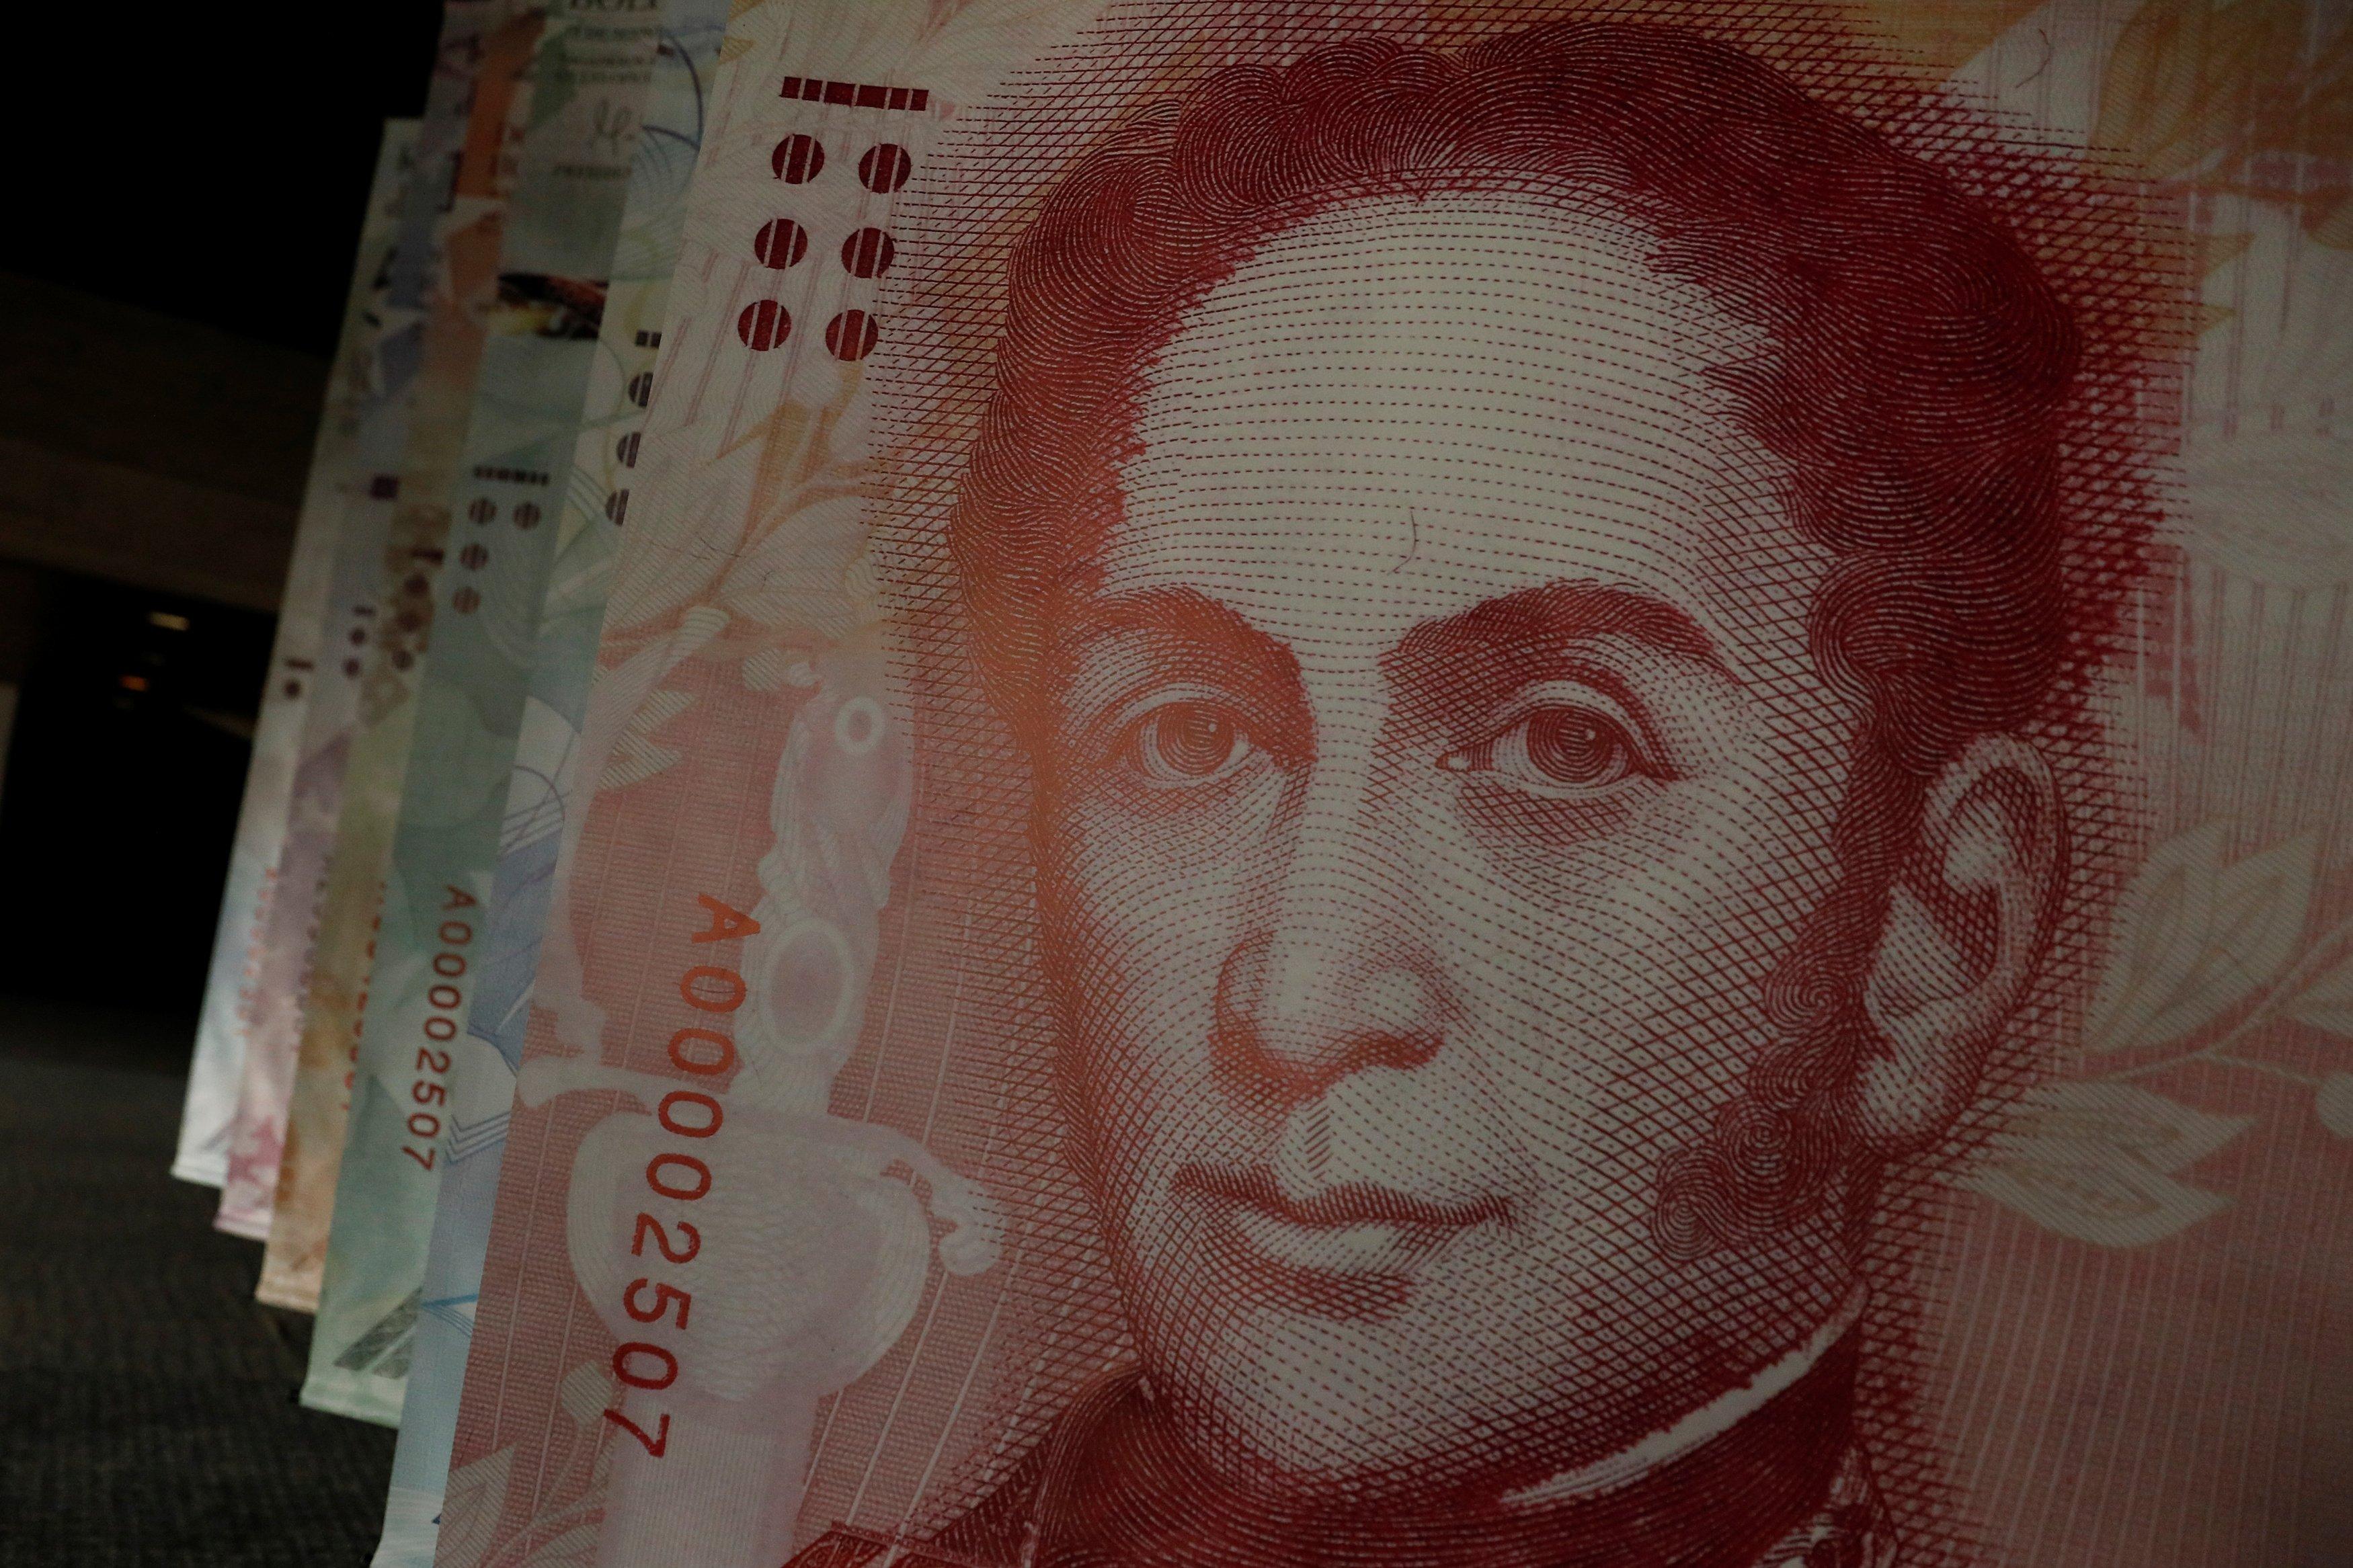 Aparece otra moneda emergente en Venezuela